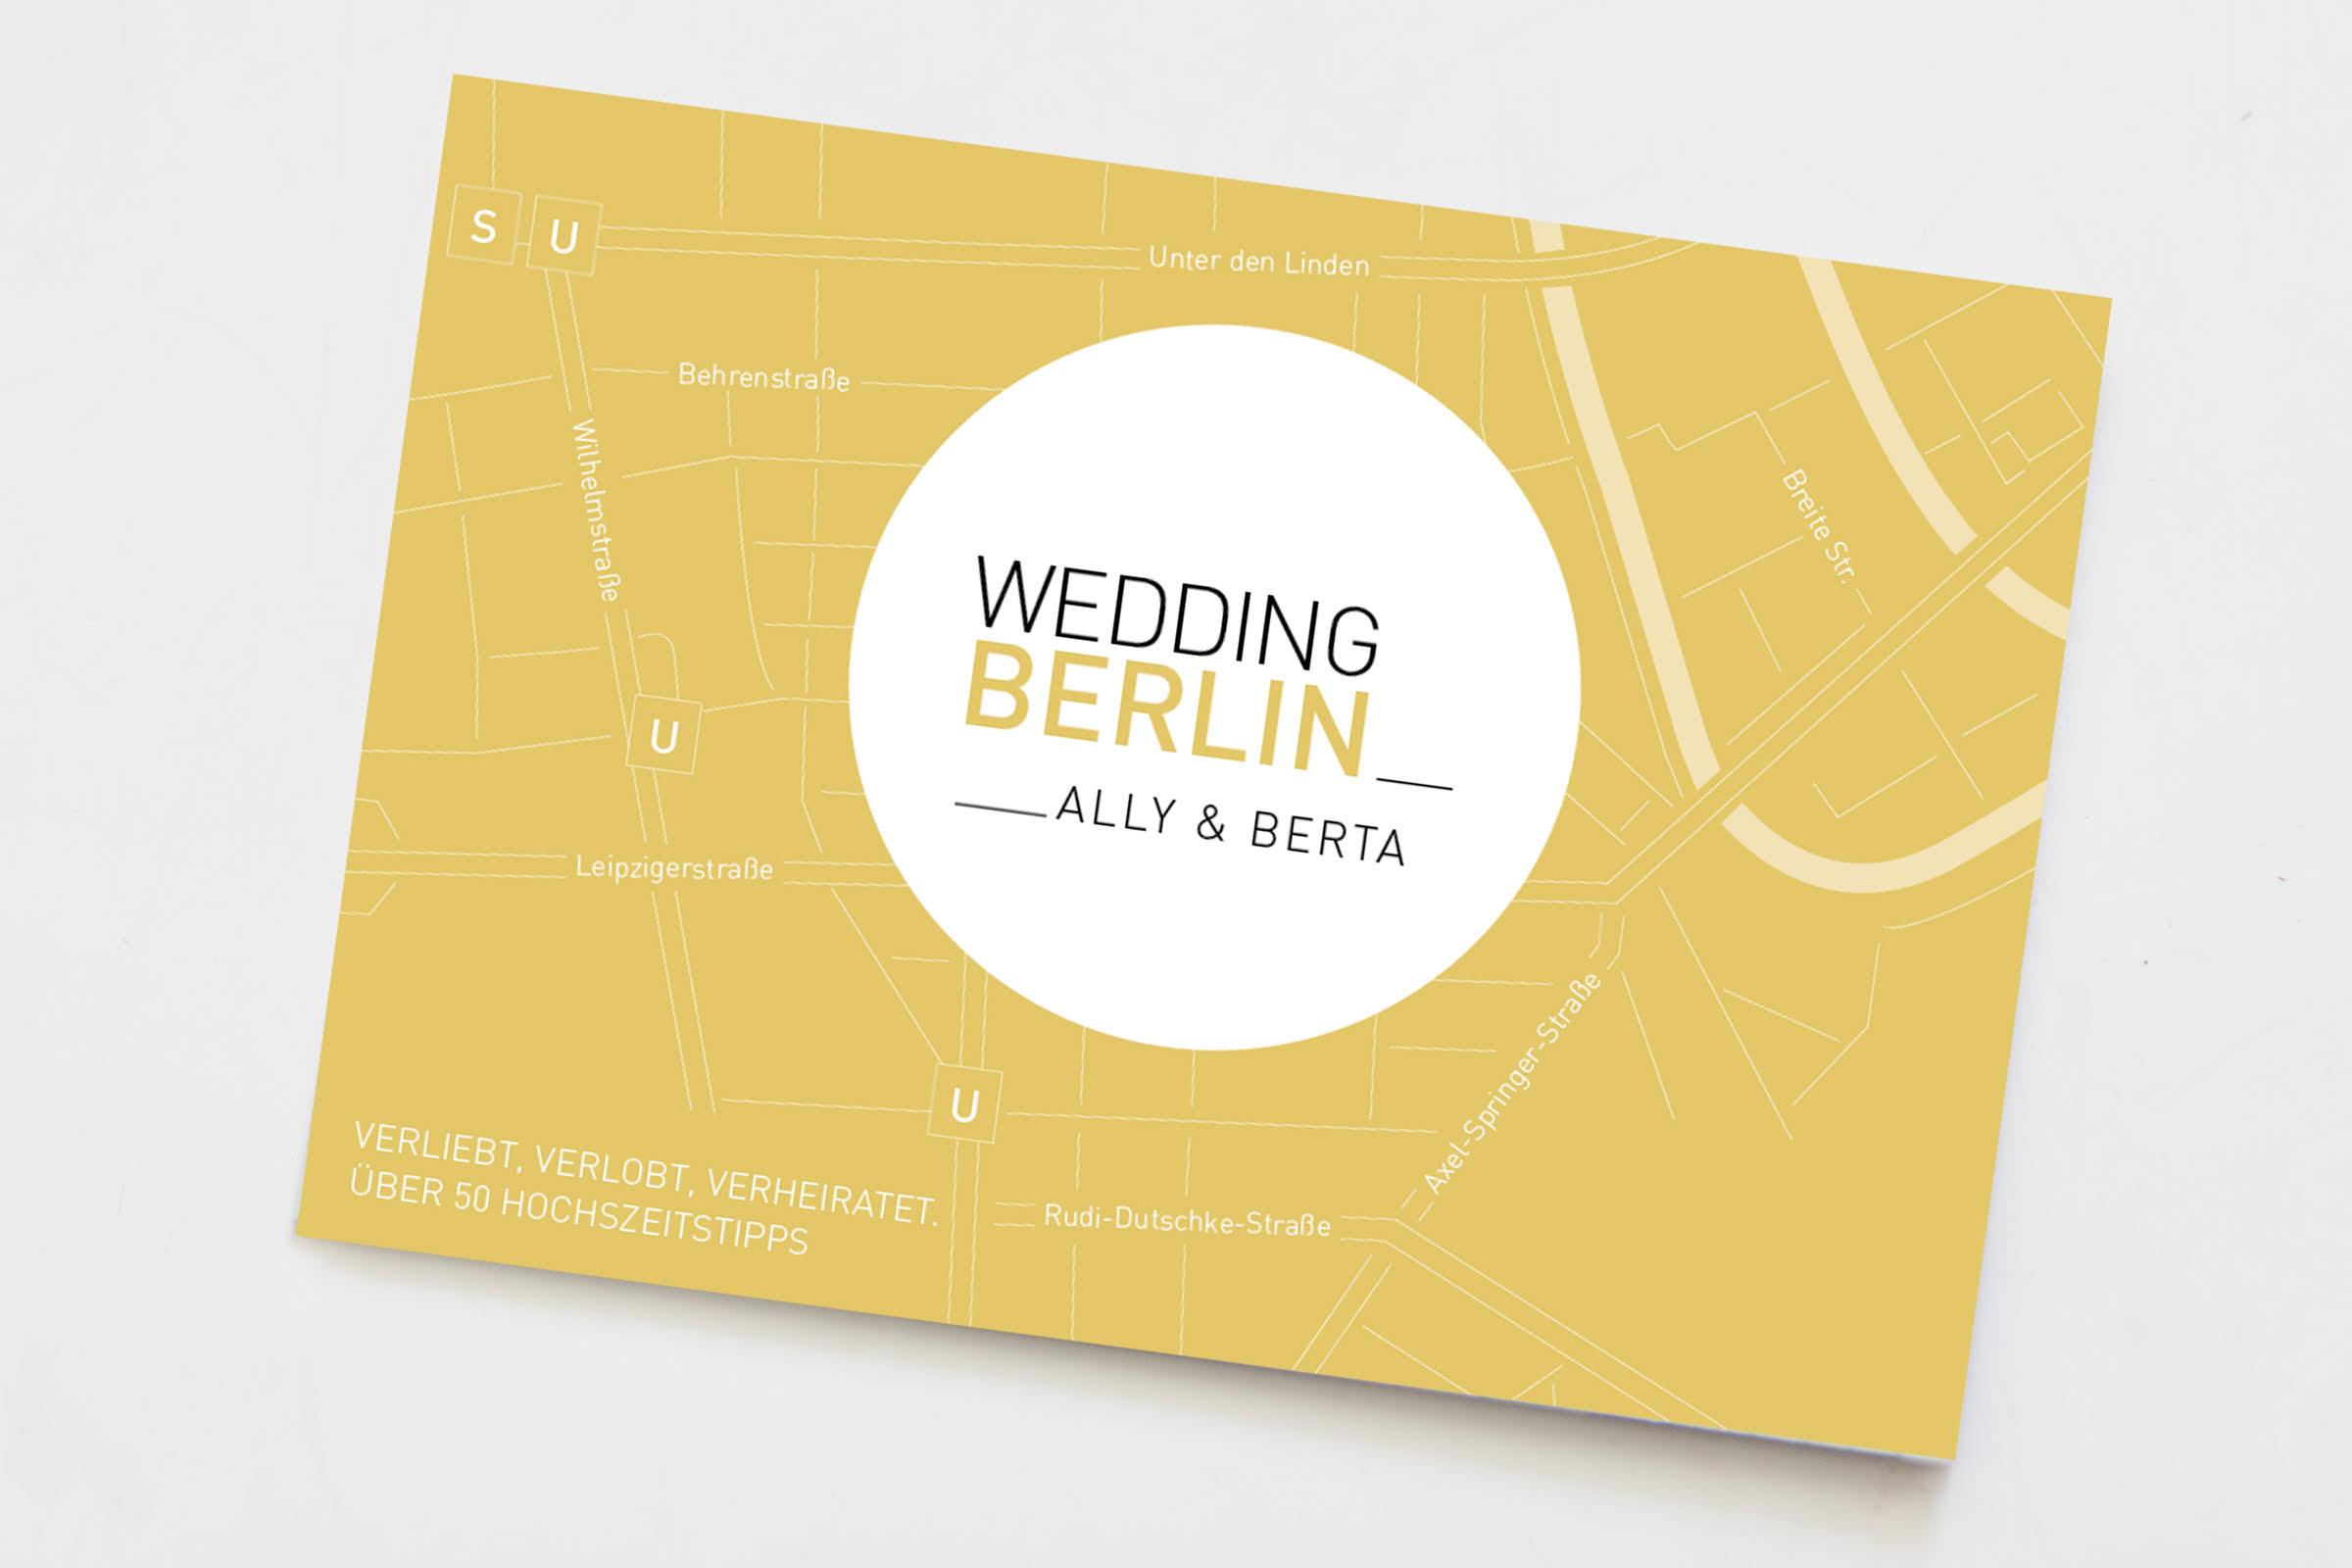 WeddingBerlin Map von Ally und Berta: die besten Wedding Spots in Berlin